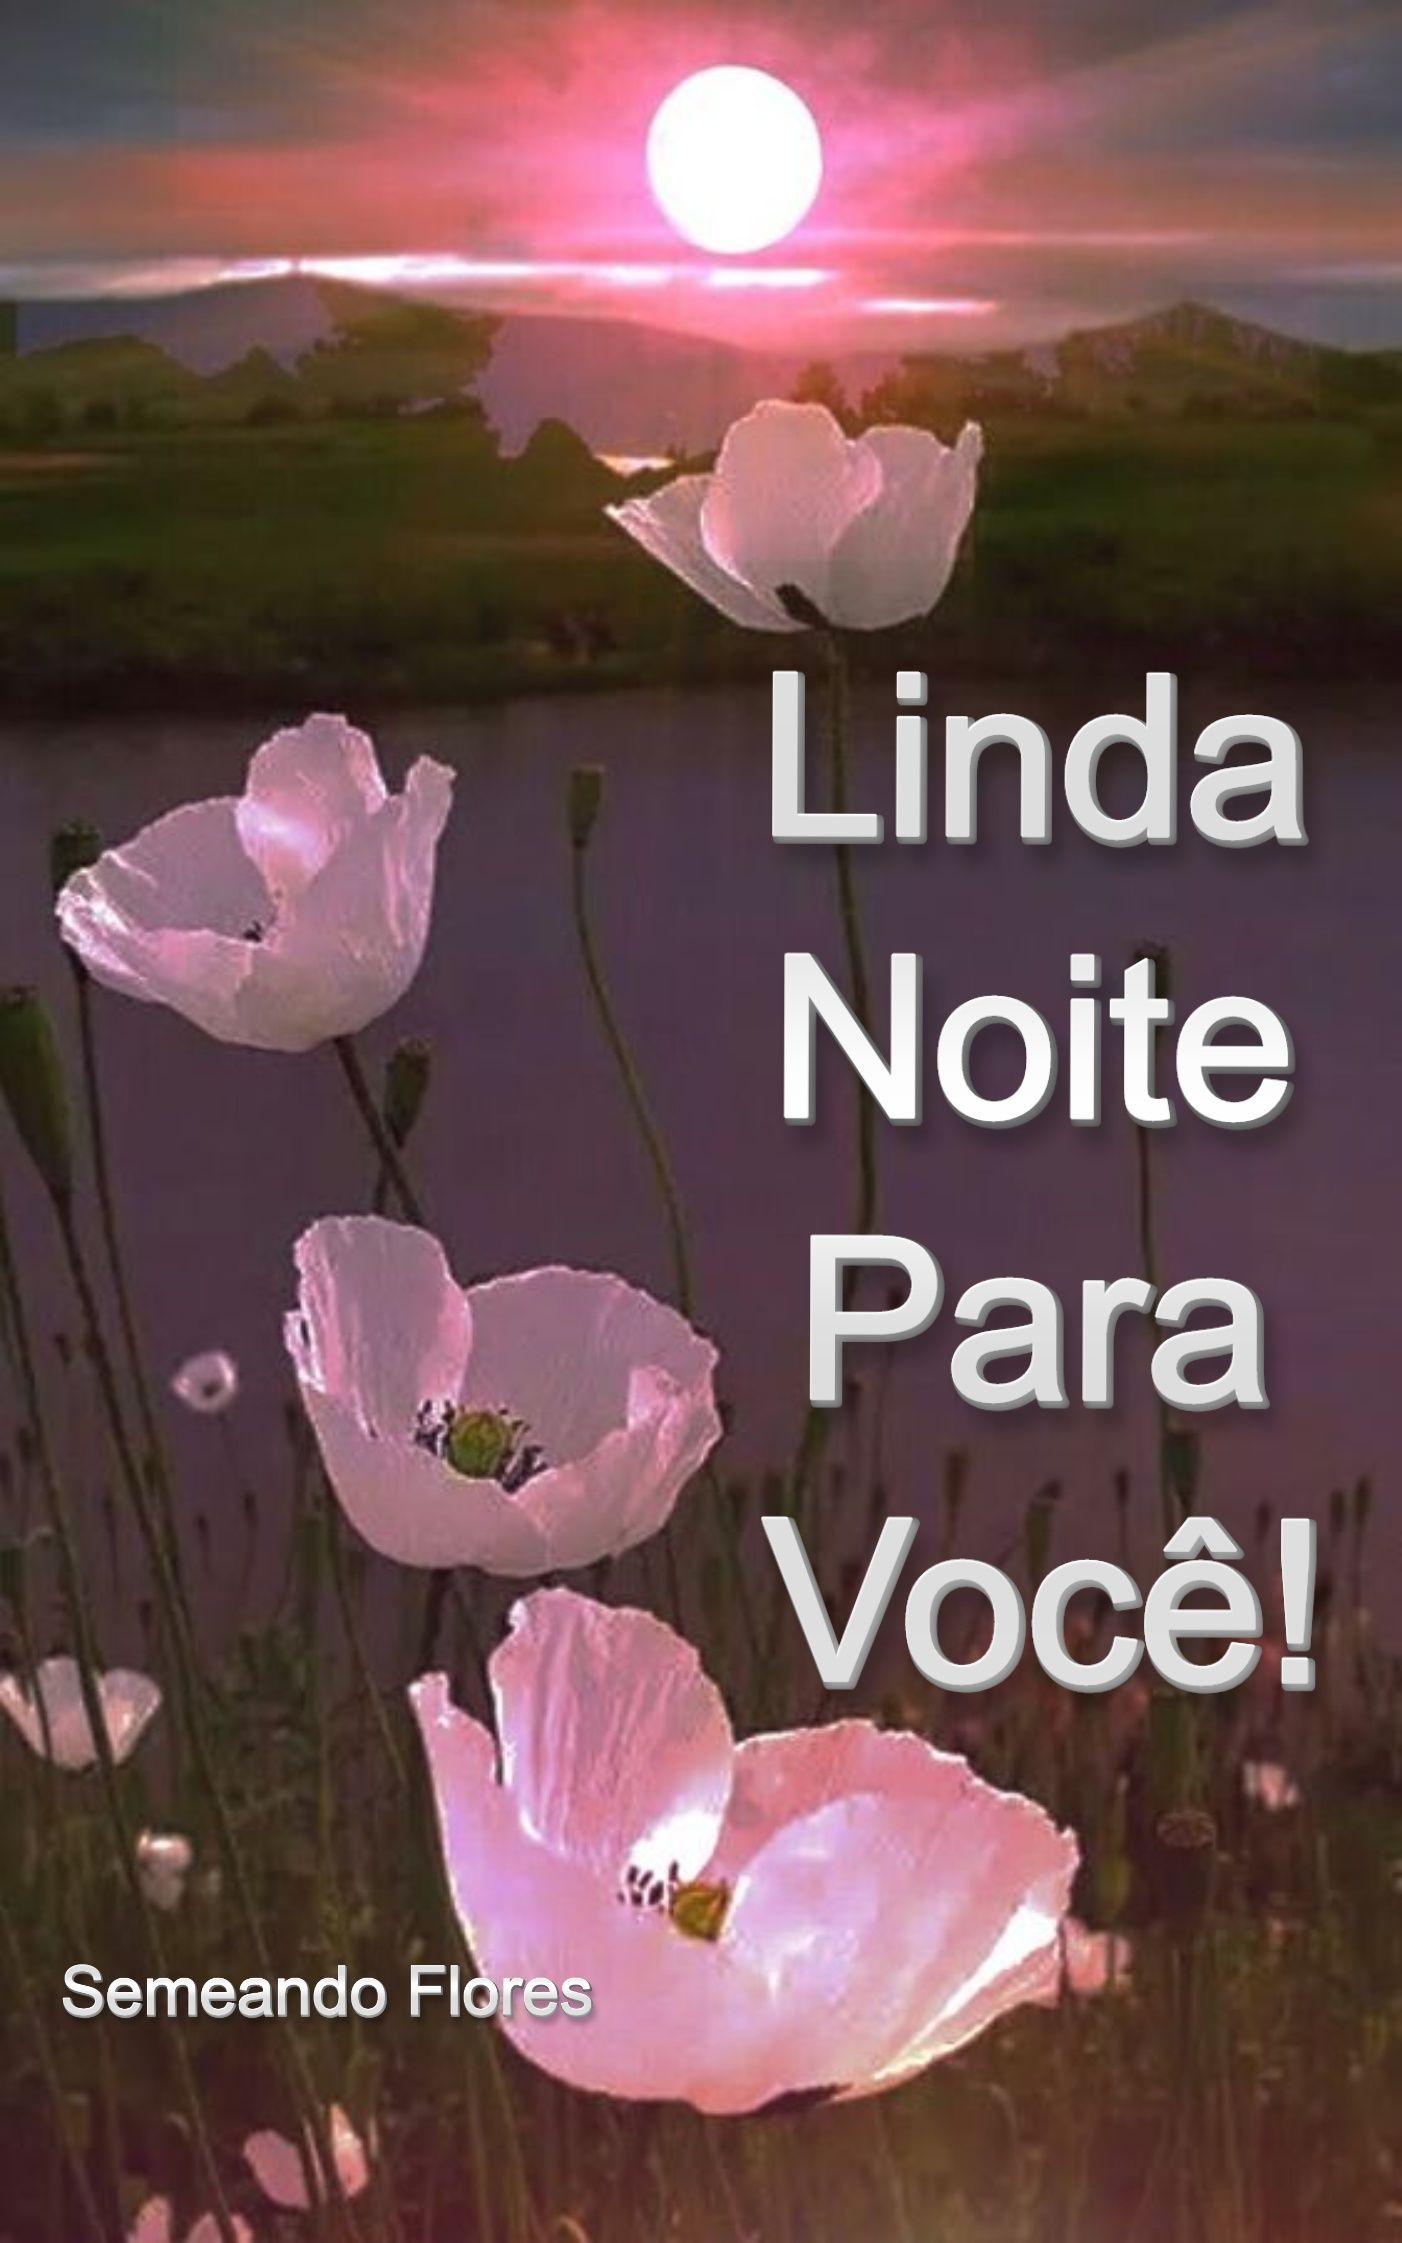 Linda Noite Para Voce!